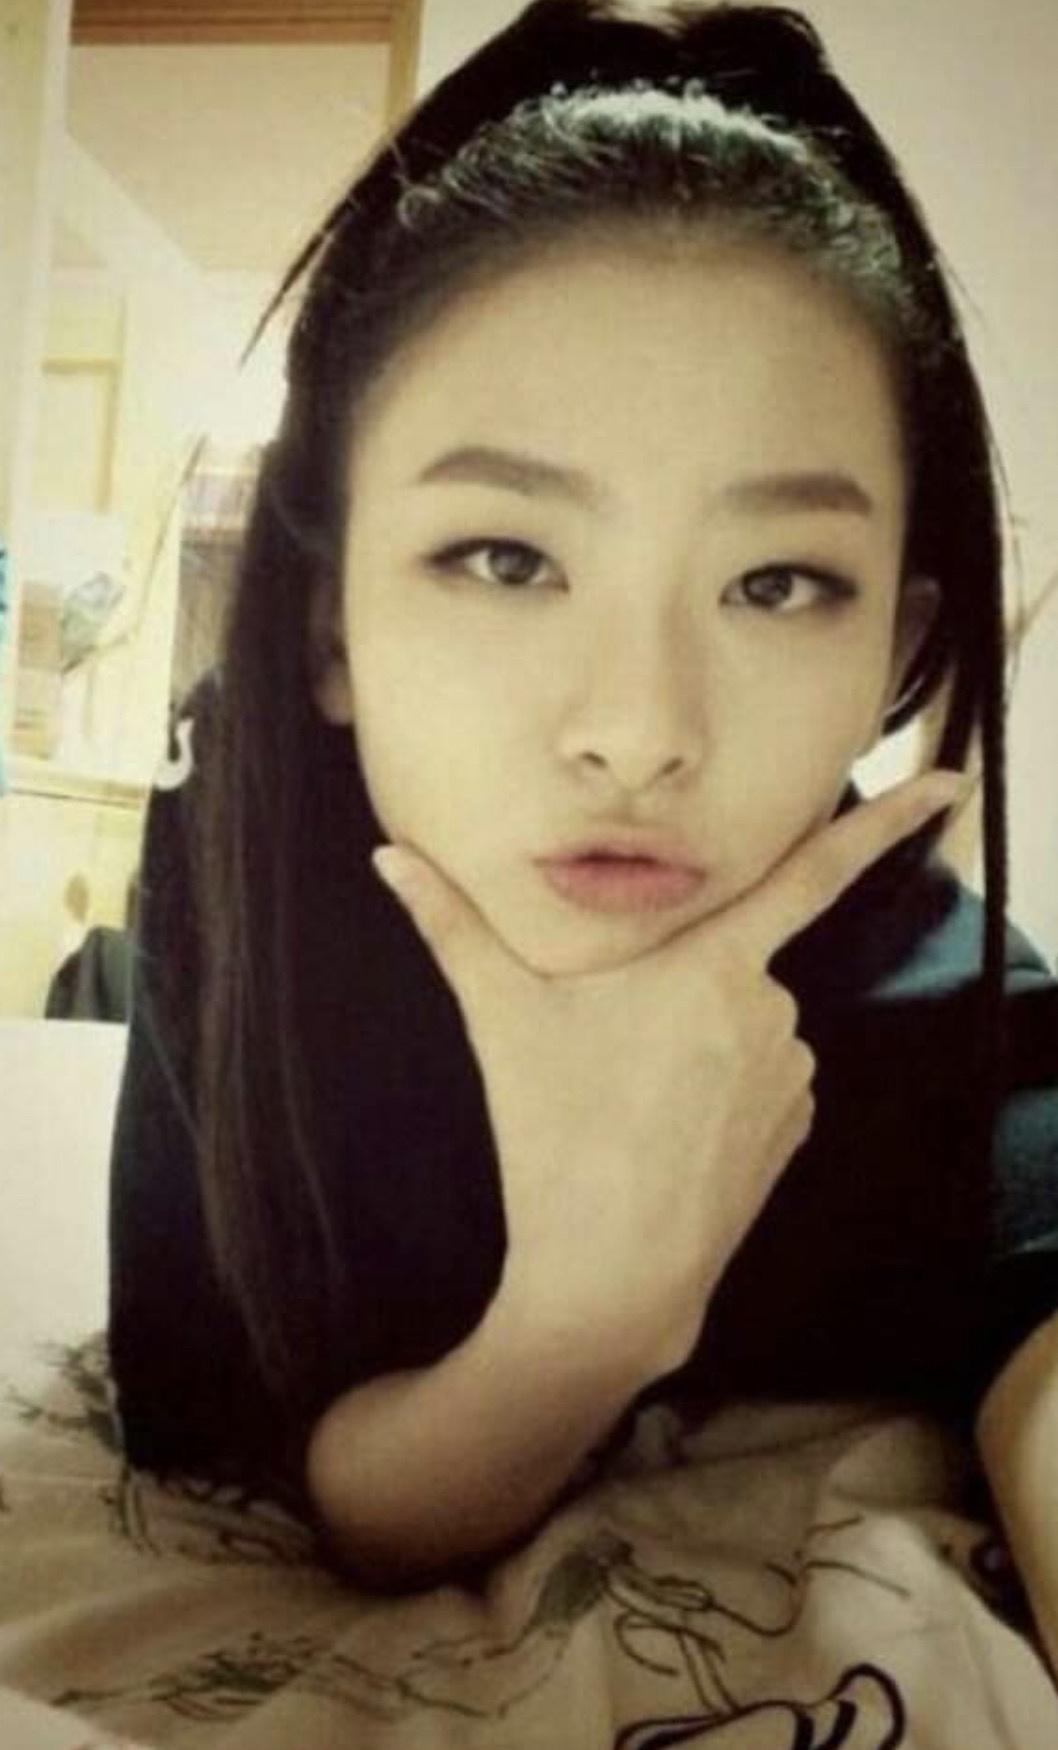 How long were Red Velvet trainees   Quora